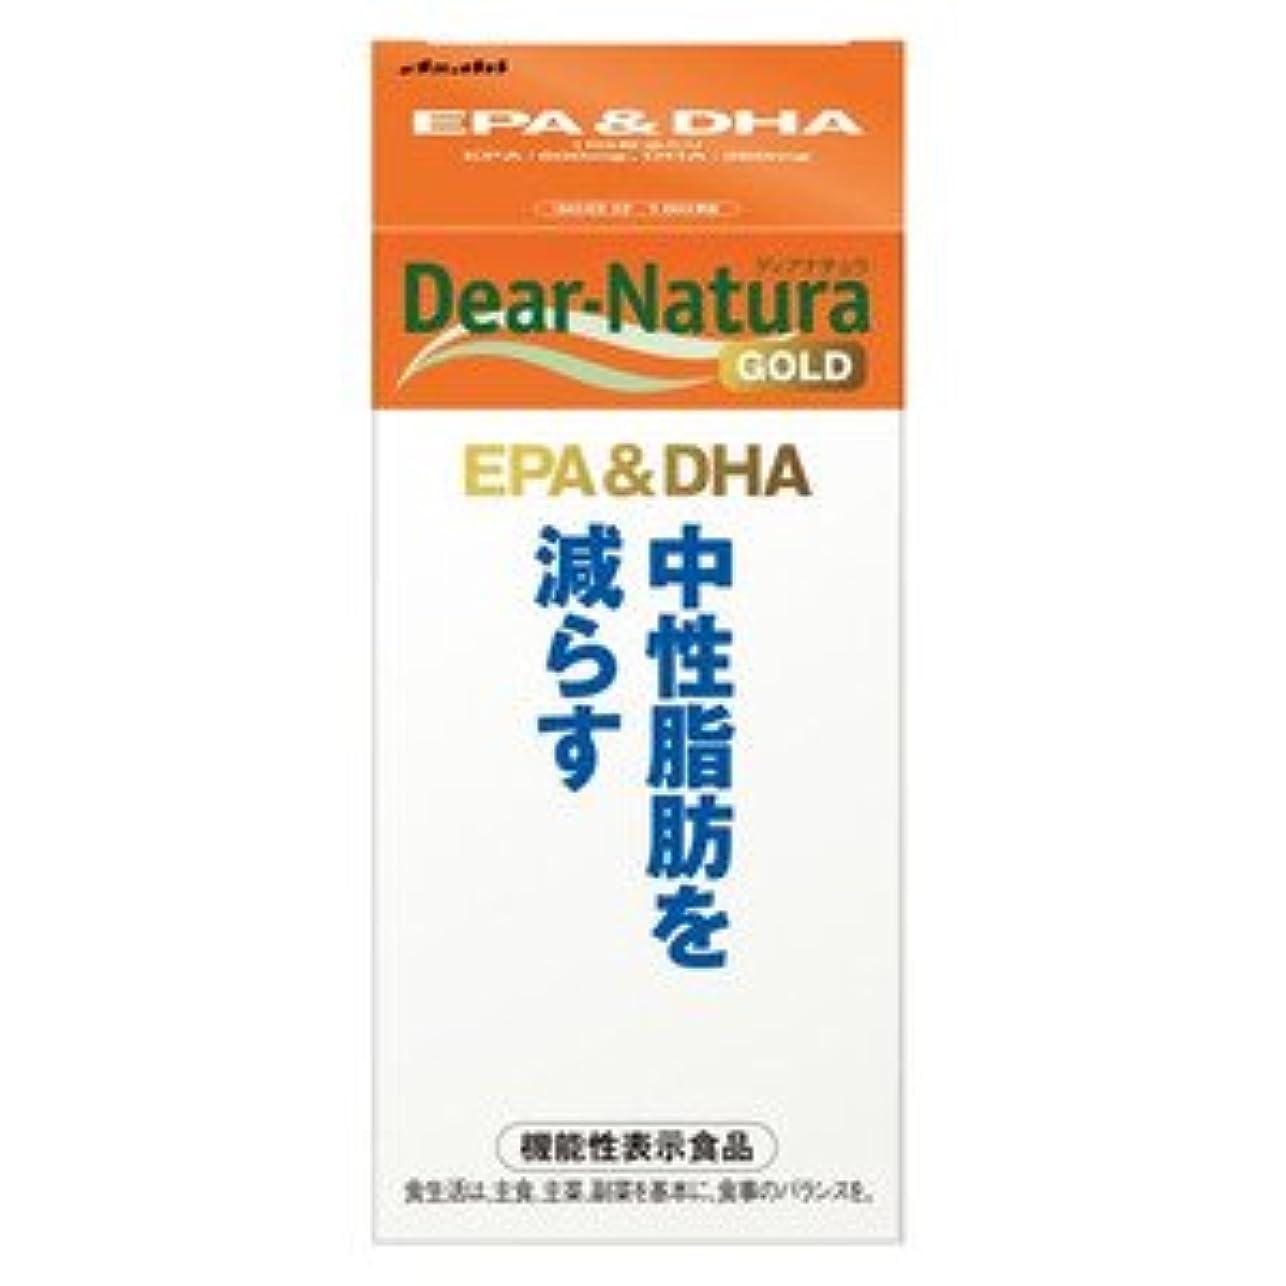 恐怖体系的に約束する(アサヒフード&ヘルスケア)ディアナチュラゴールド EPA&DHA 30日分 180粒(お買い得3個セット)